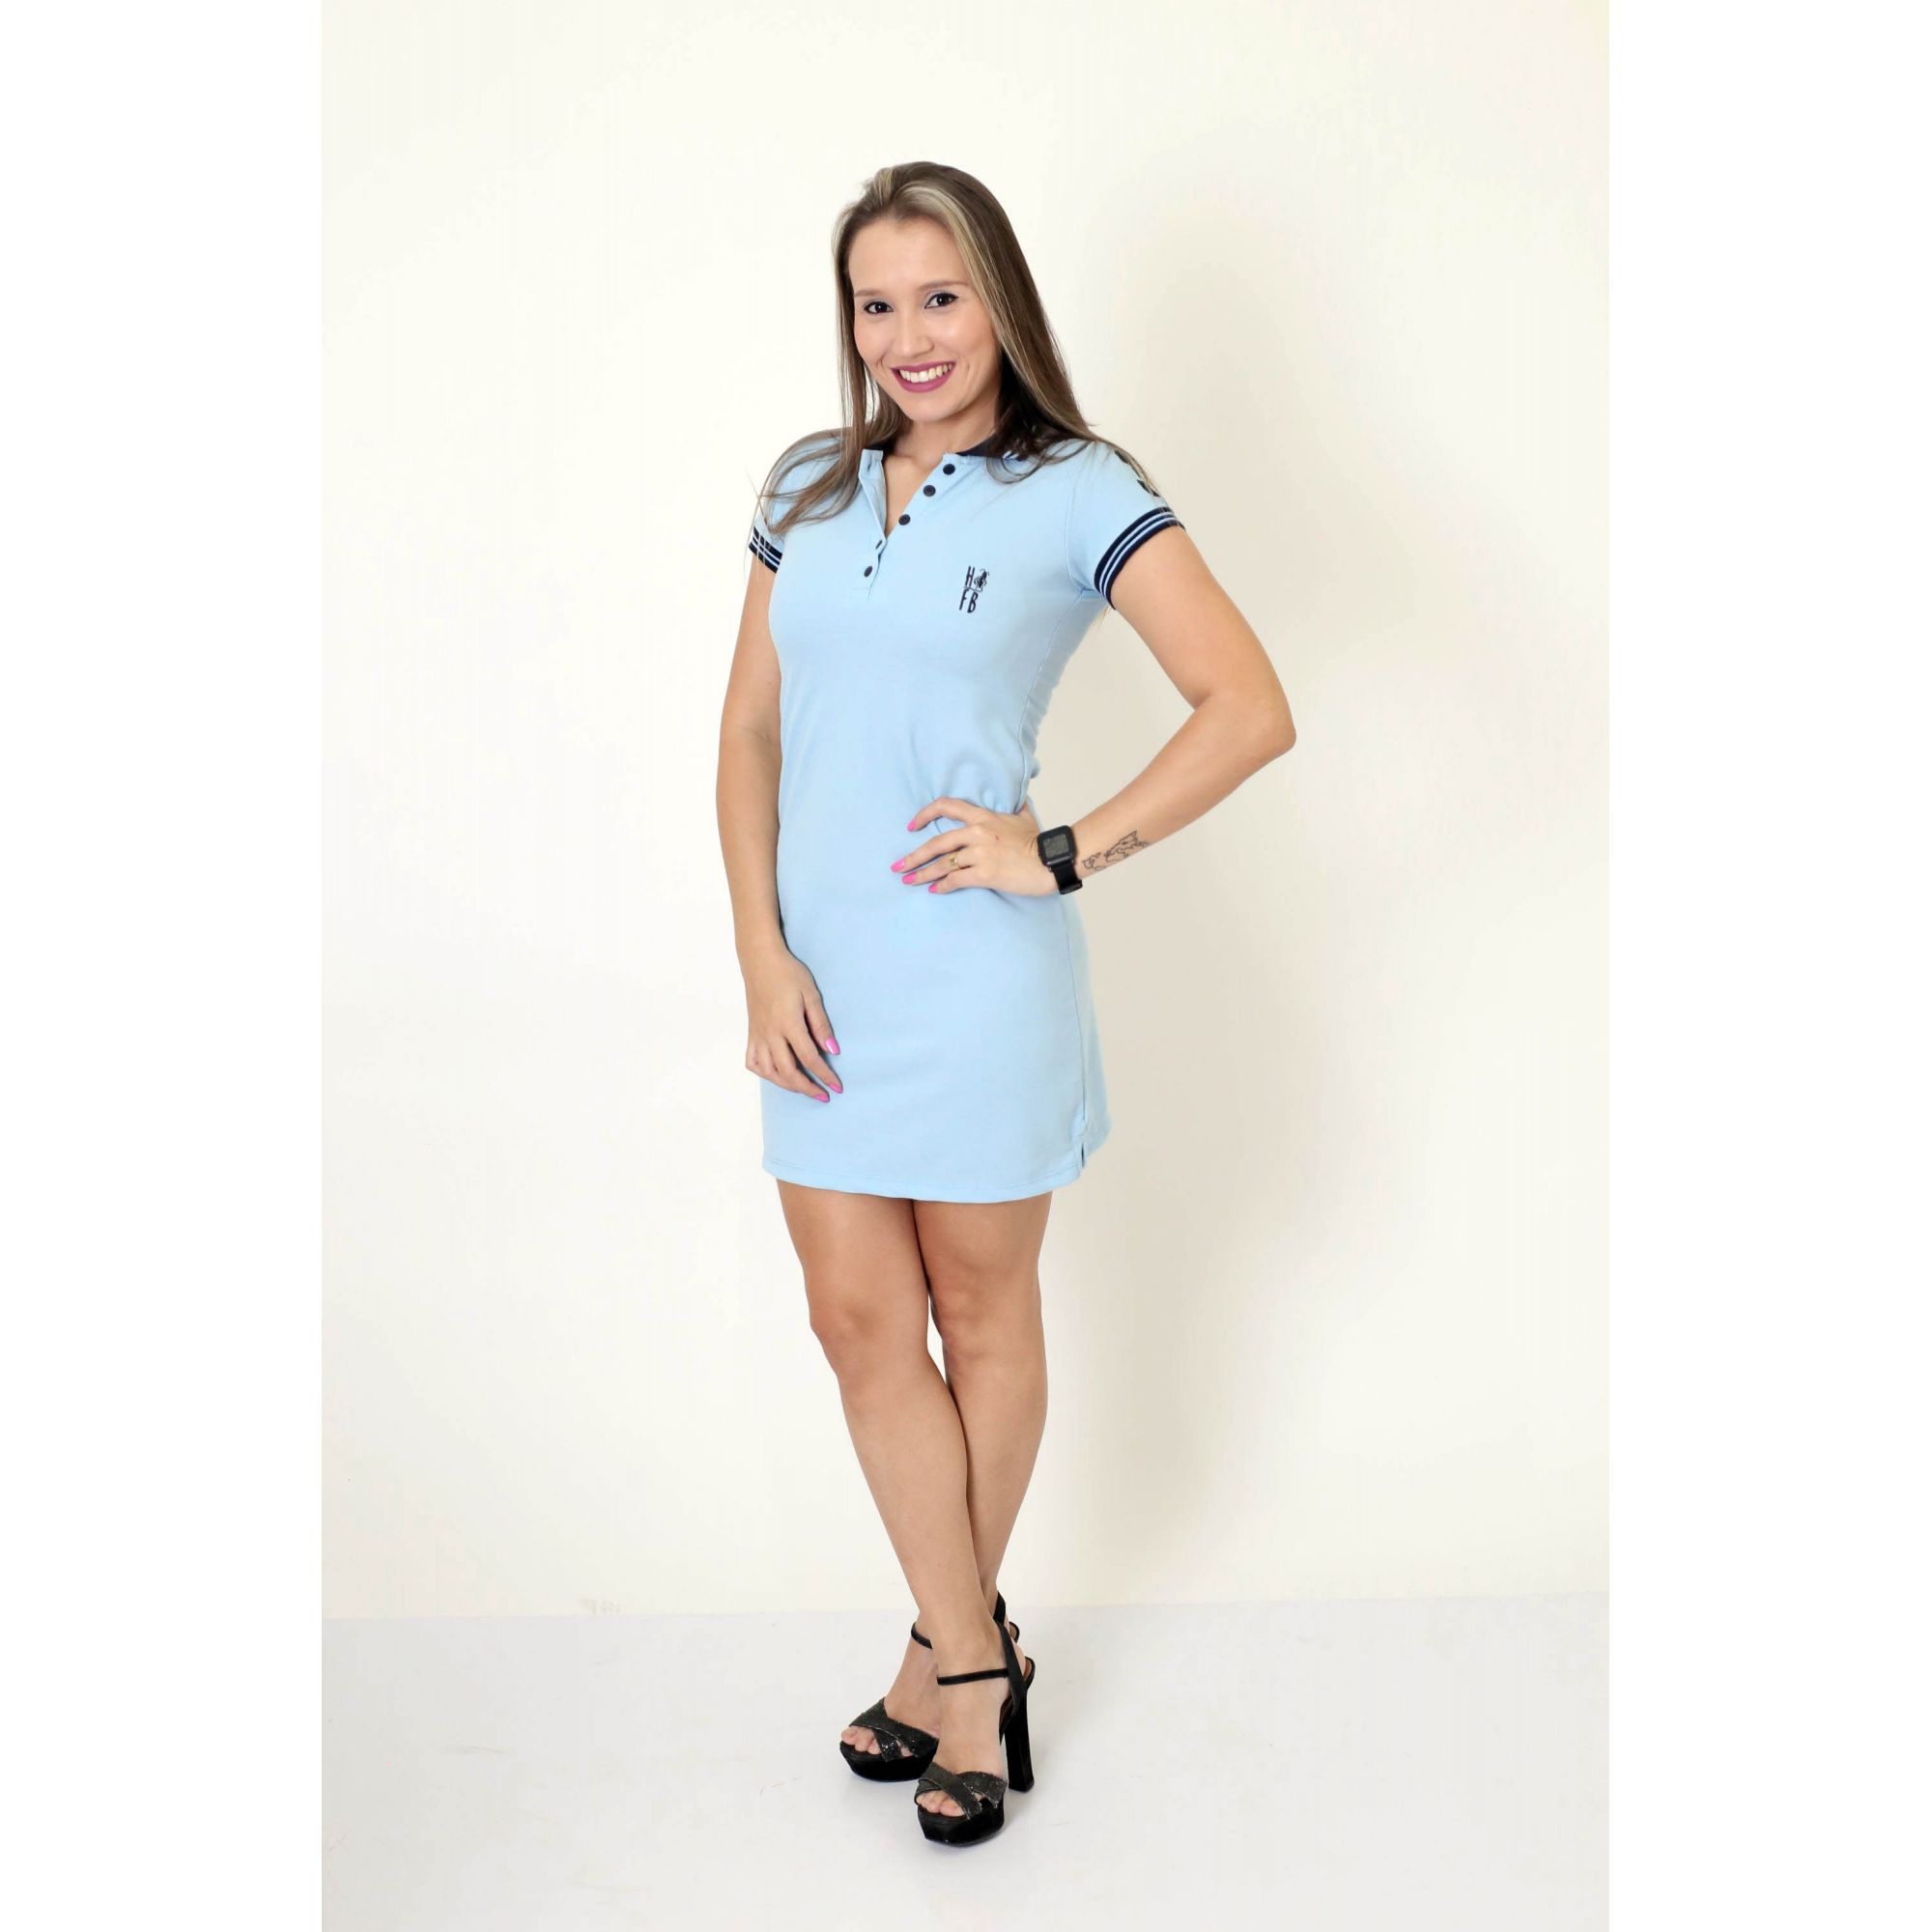 PAIS E PET > Kit 3 peças Camisa + Vestido Polo + Bandana - Azul Nobreza [Coleção Família]  - Heitor Fashion Brazil